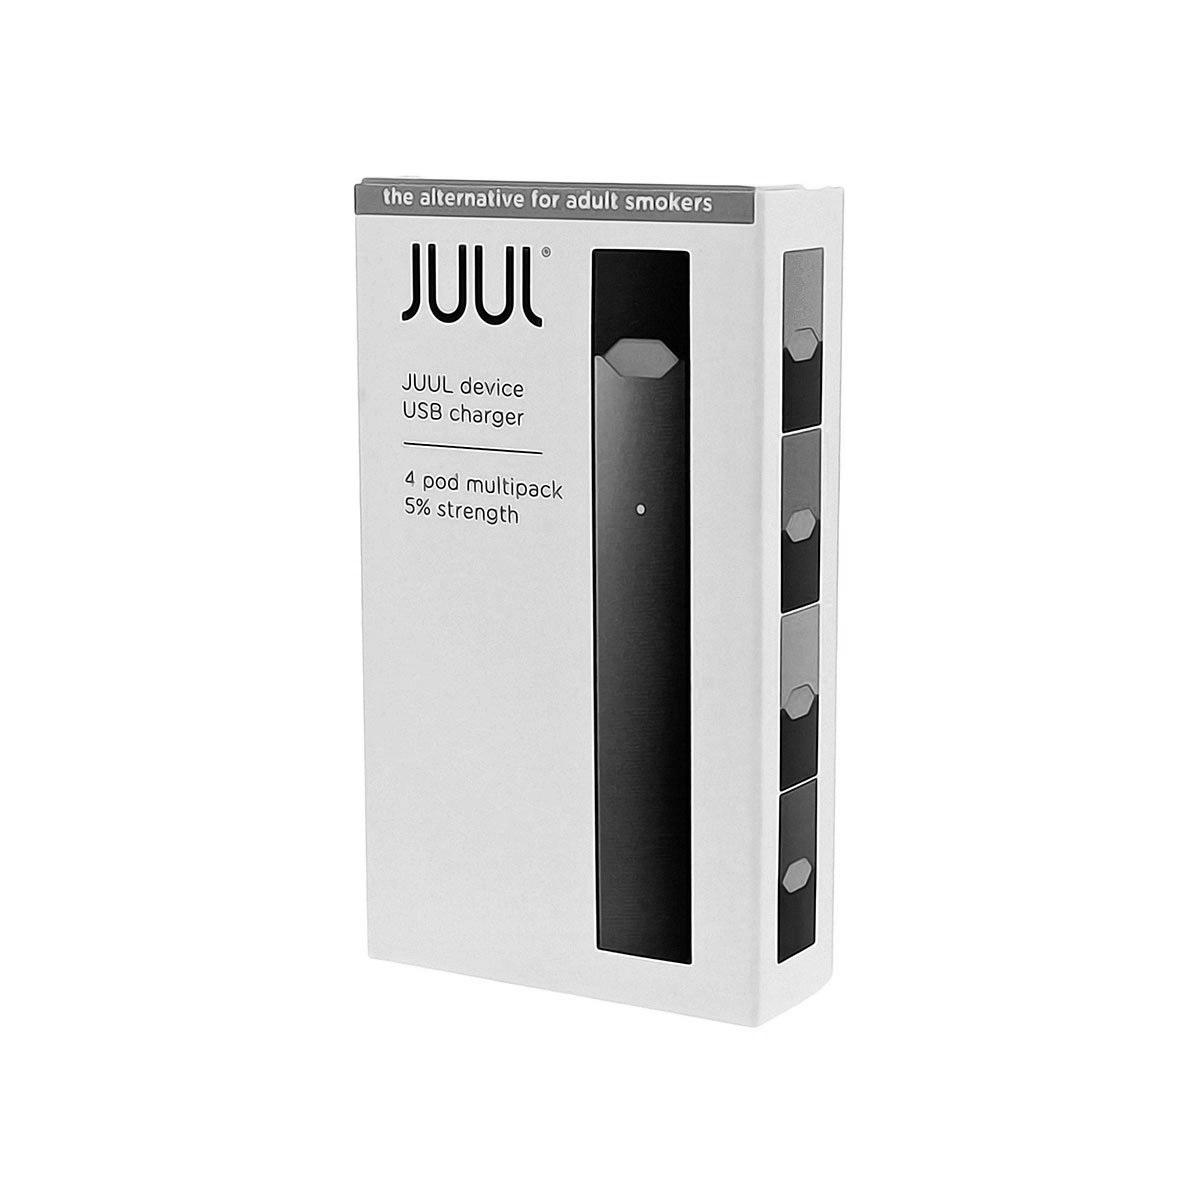 JUUL-AIO-Starter-Kit01.jpg